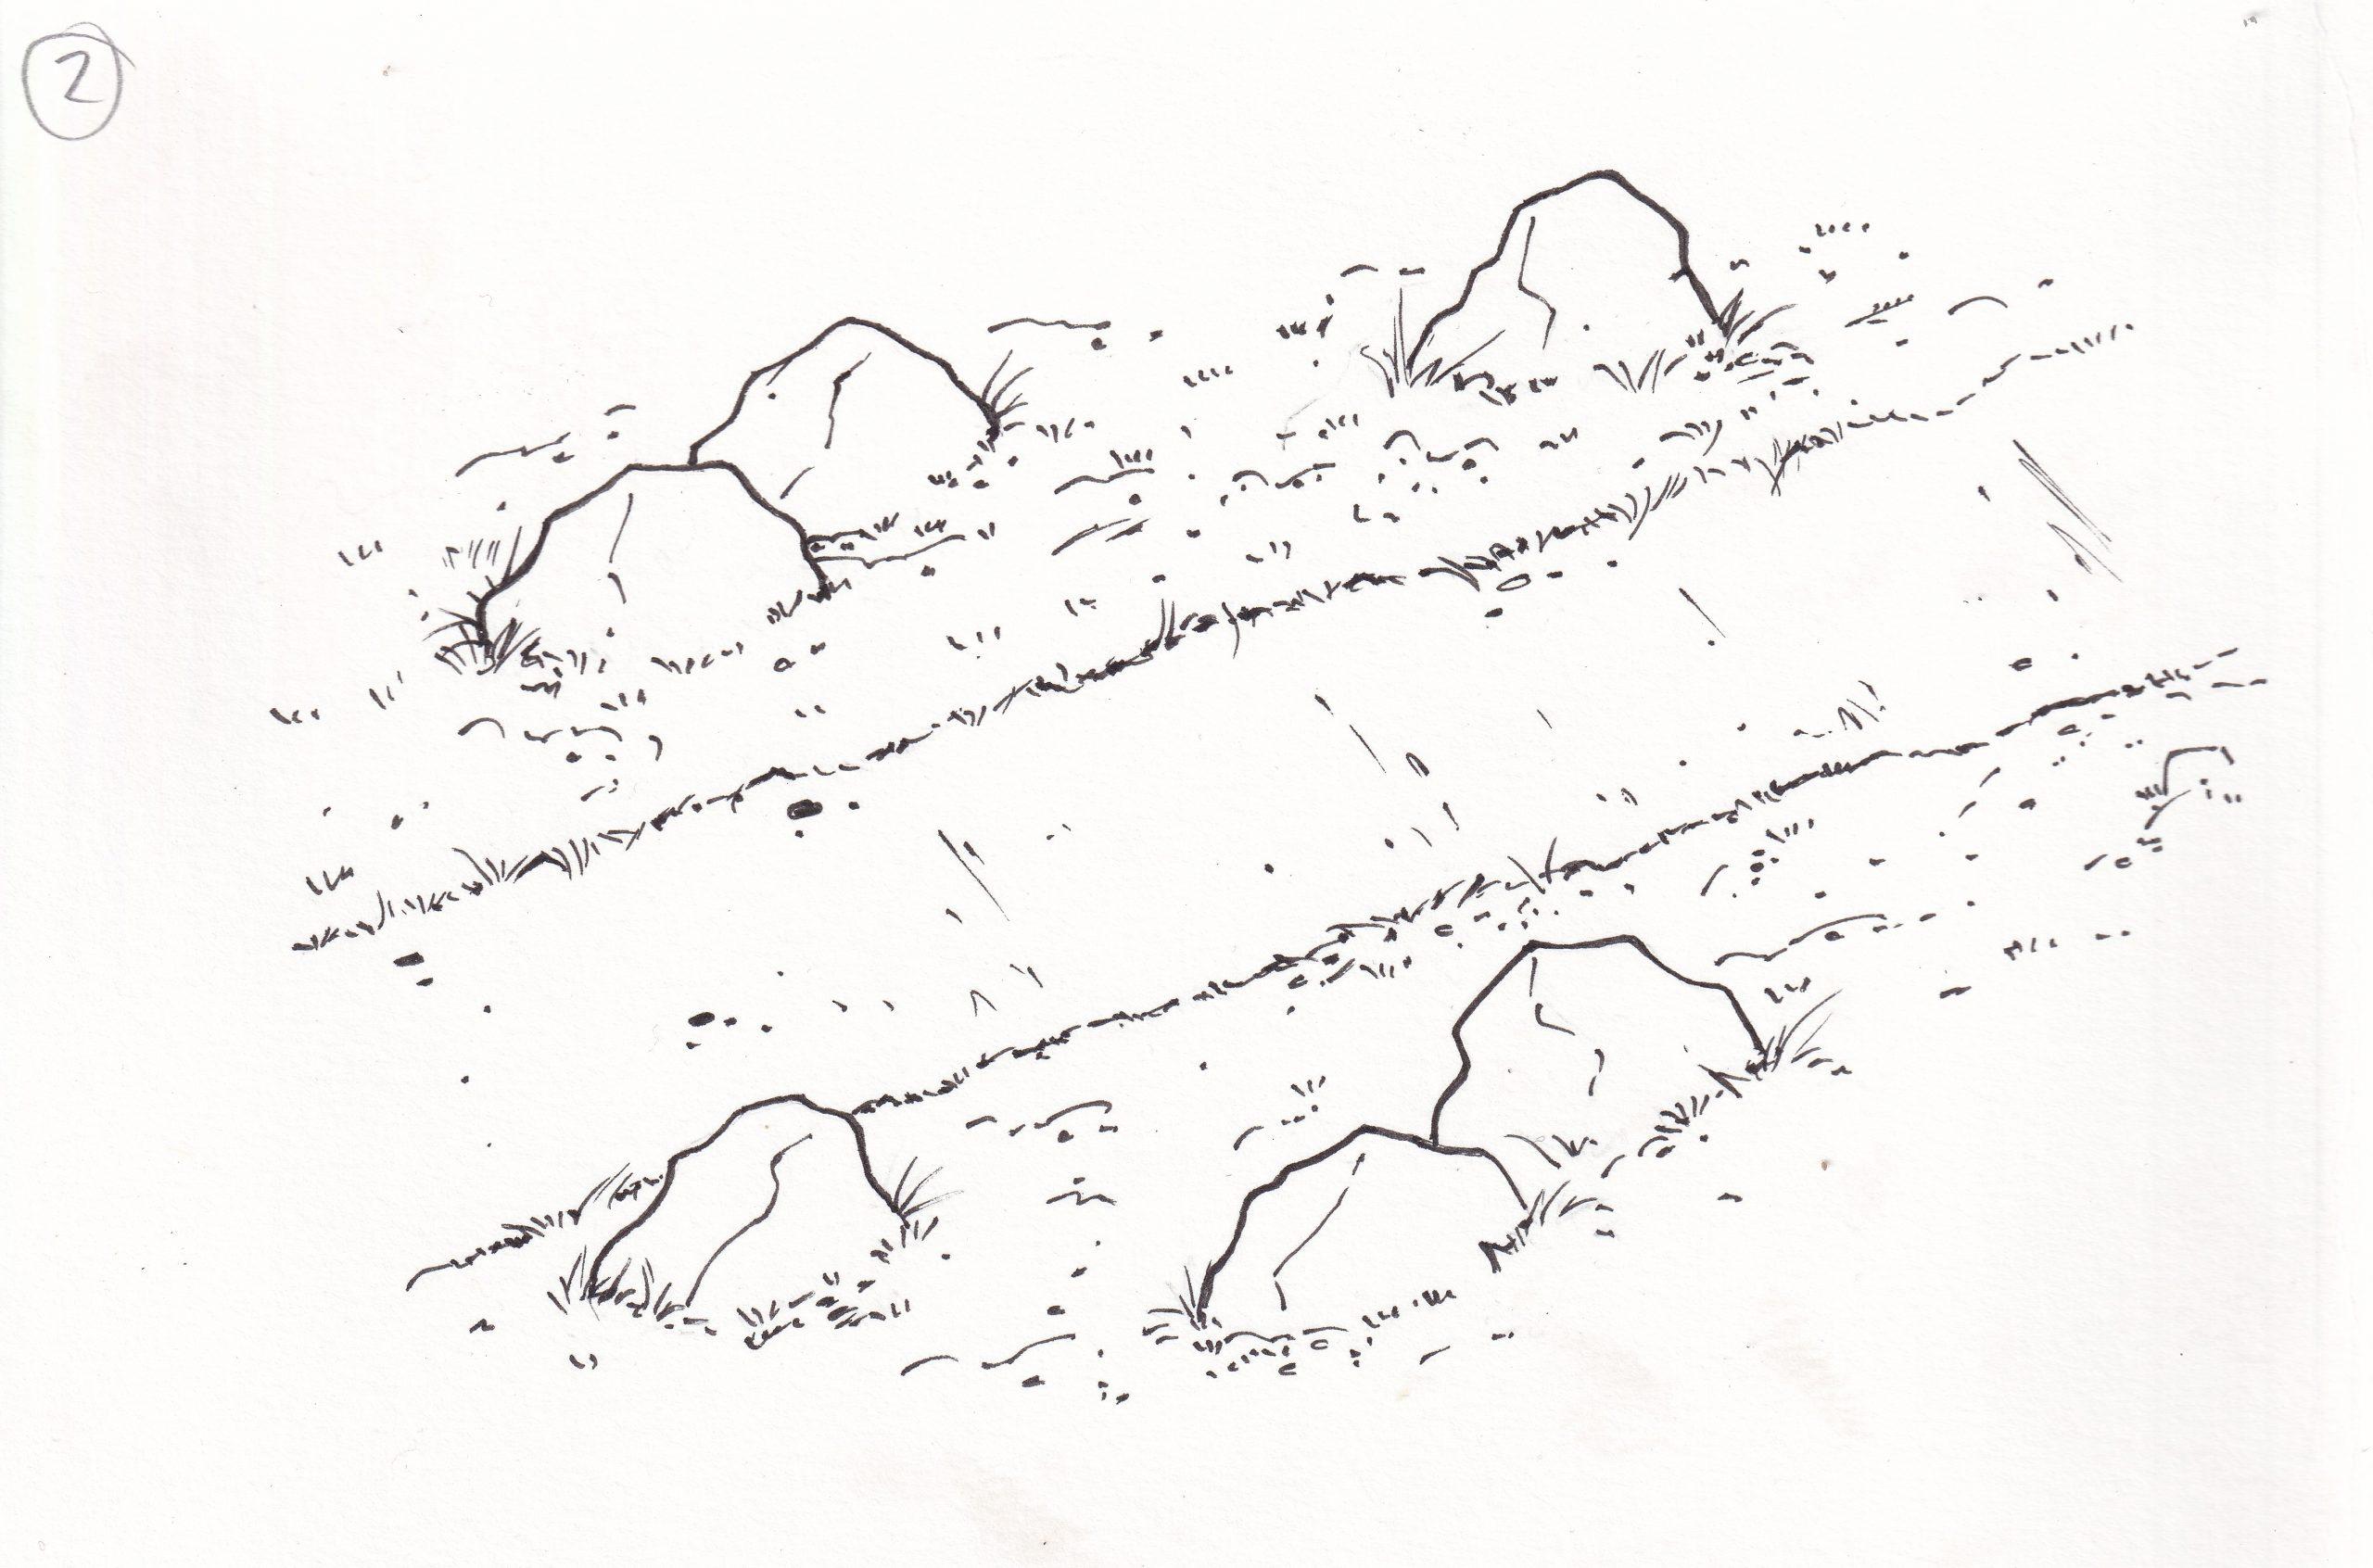 Náttúruleg uppröðun steina